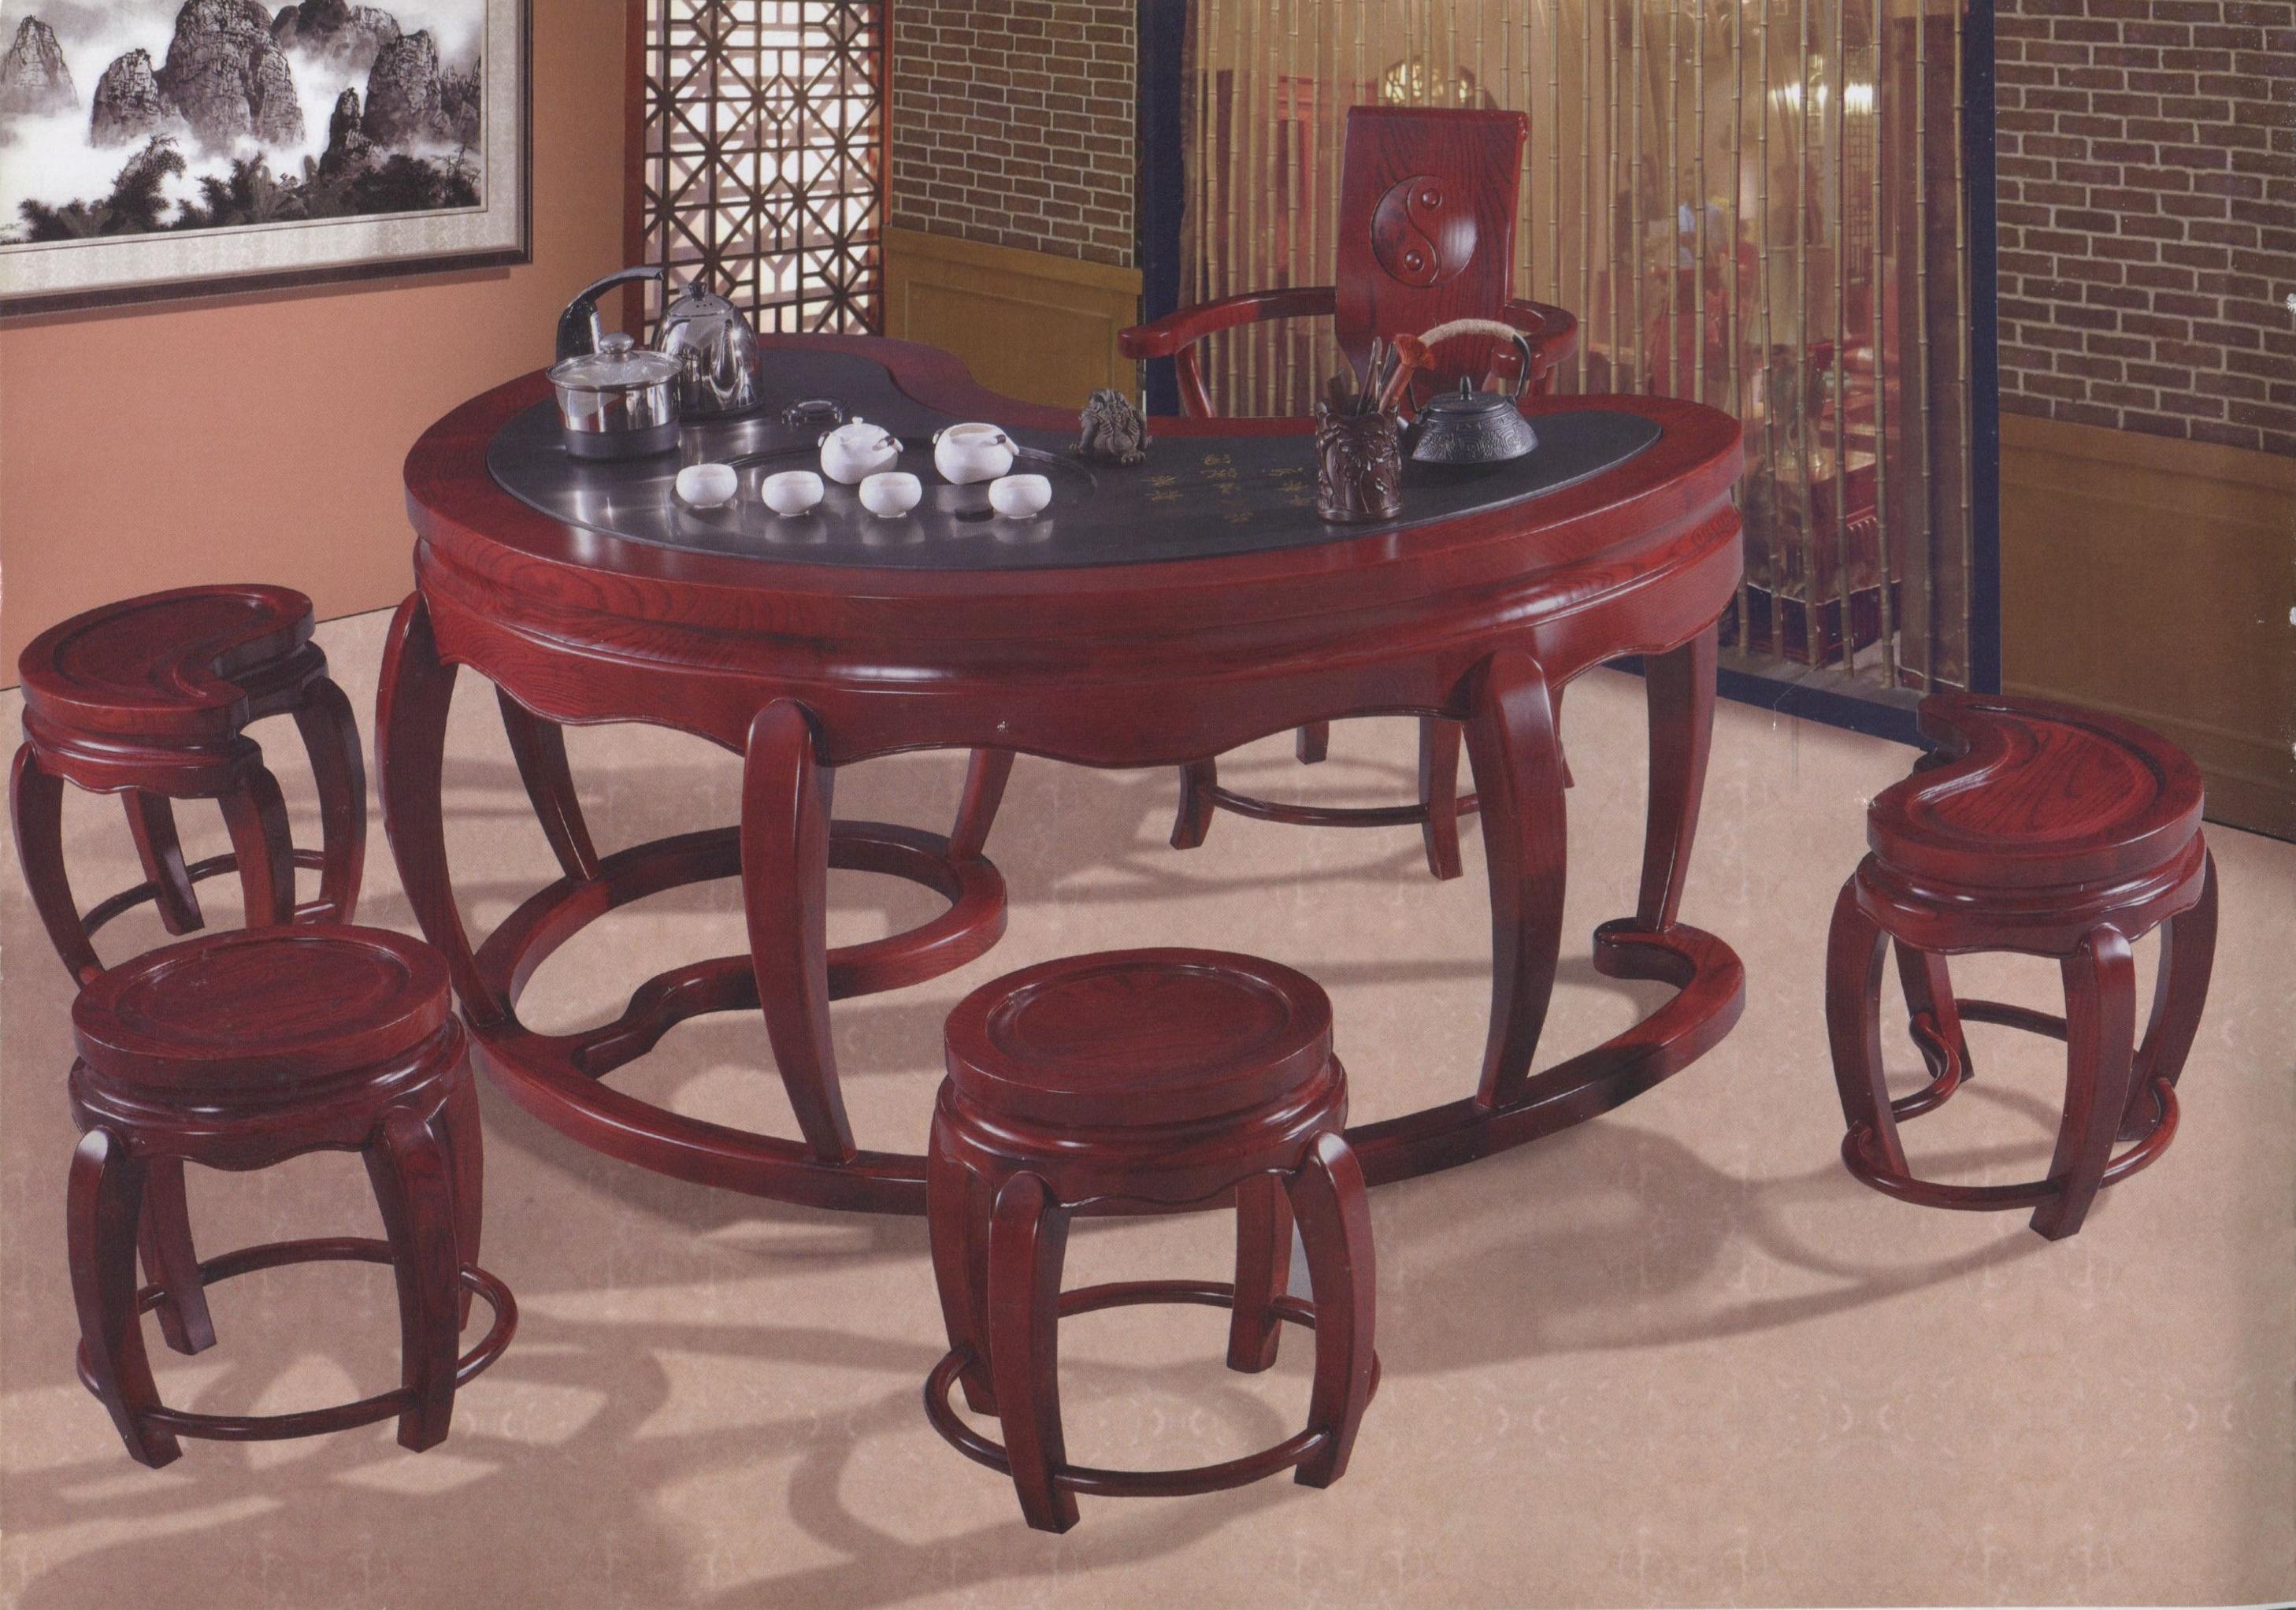 803紅檀色太極台太極主椅圓凳彎凳-1.jpg